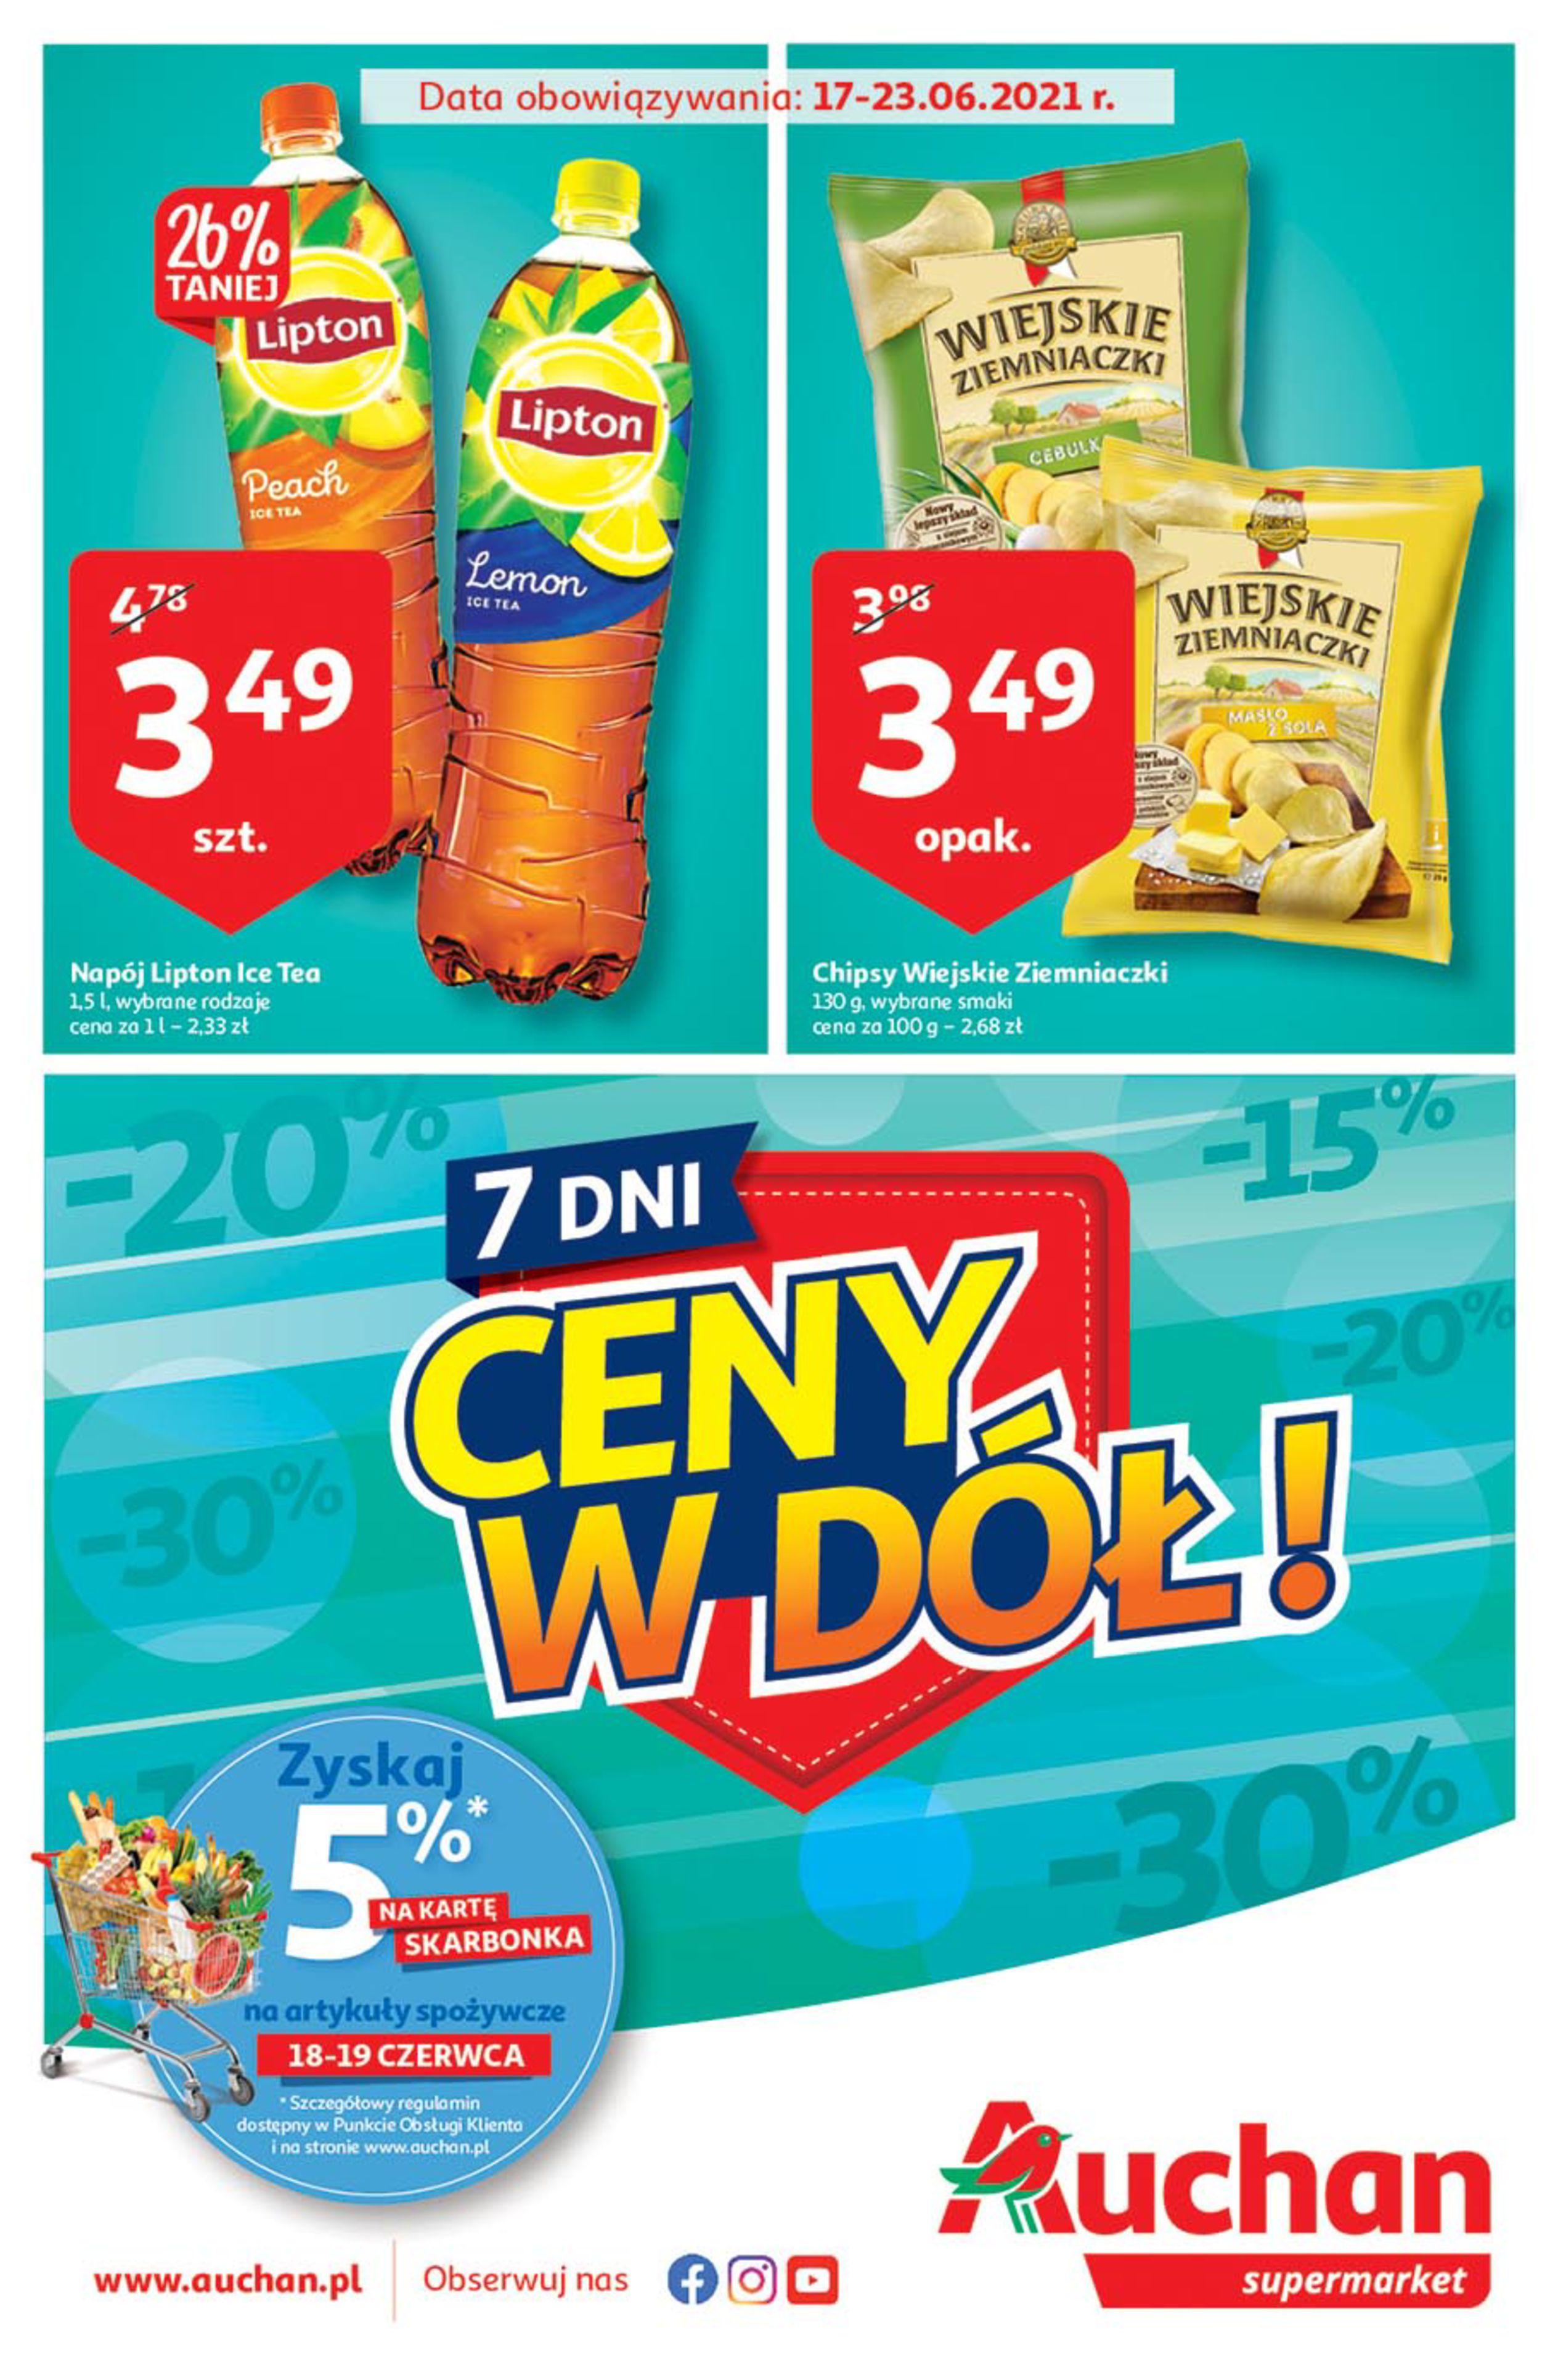 Auchan:  Gazetka Auchan - Ceny w dół 16.06.2021